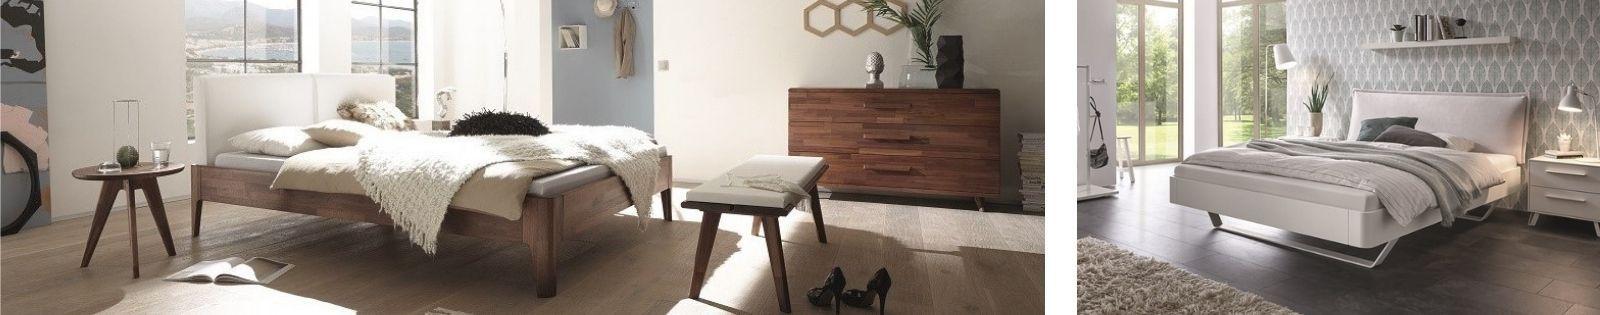 HASENA : GAMME FINE LINE. Meubles pour votre chambre en bois massif.